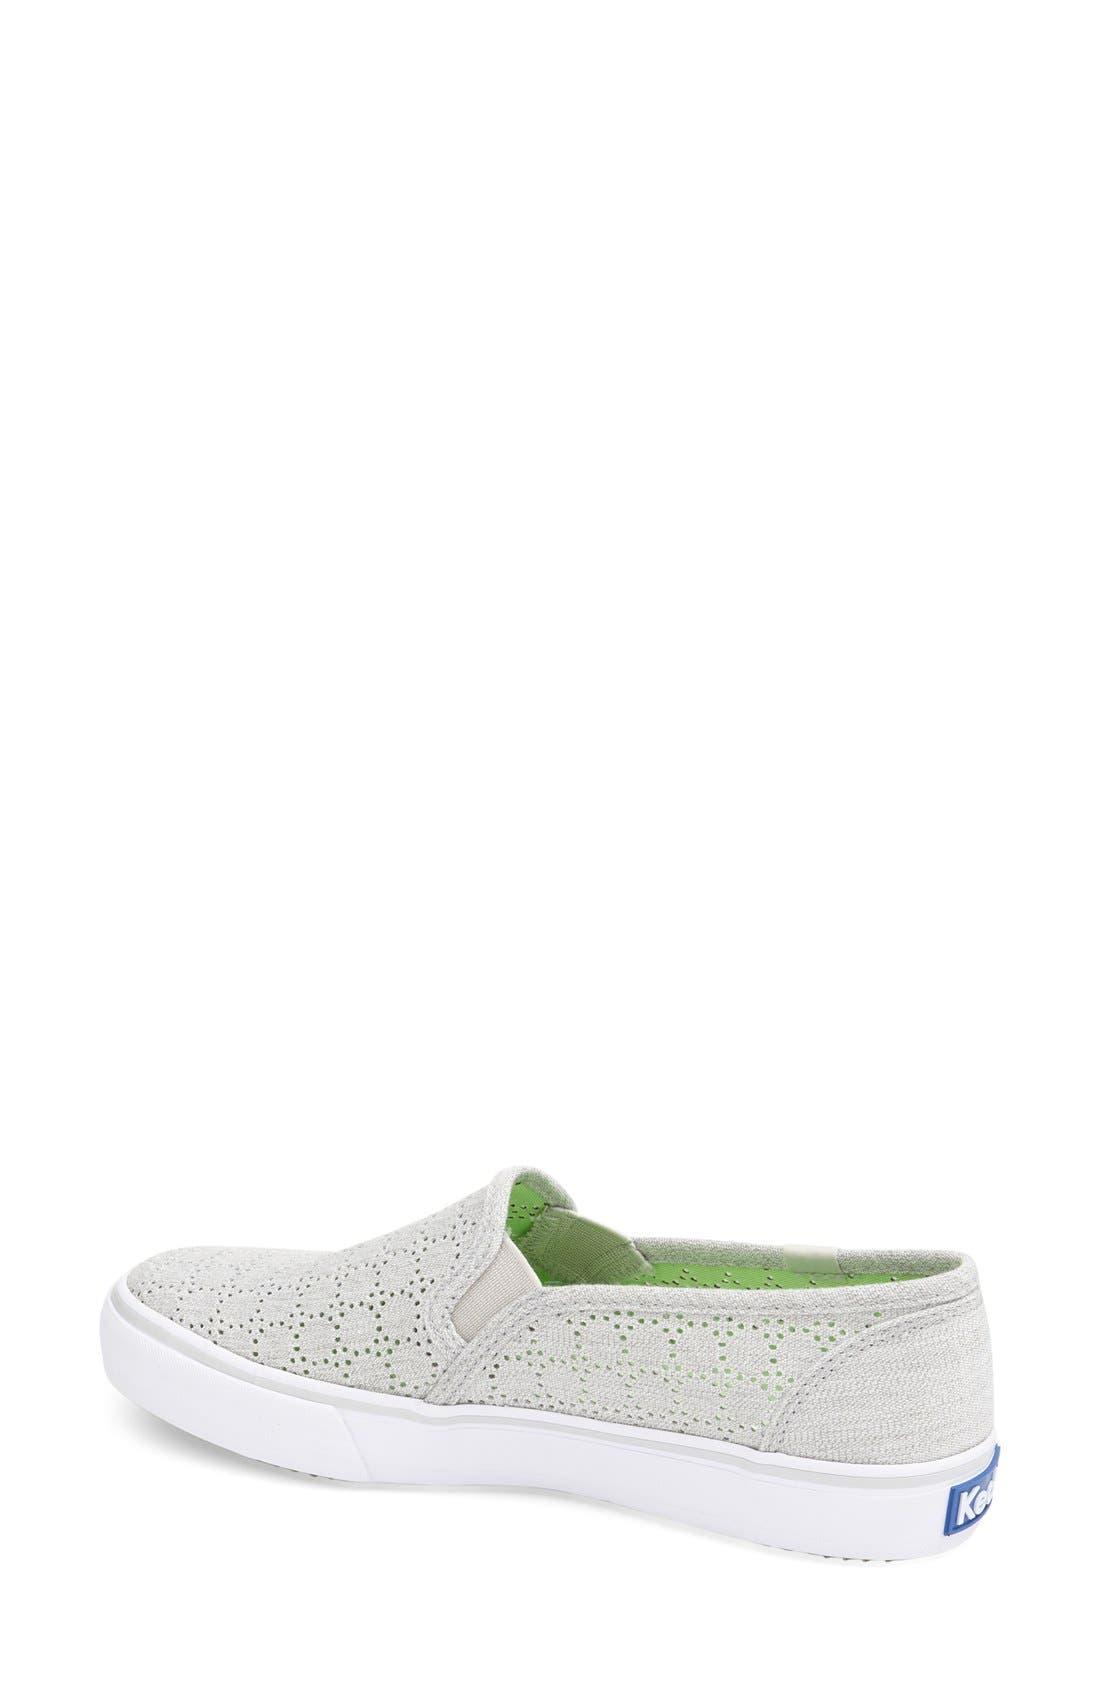 Alternate Image 2  - Keds® 'Double Decker' Perforated Slip-On Sneaker (Women)